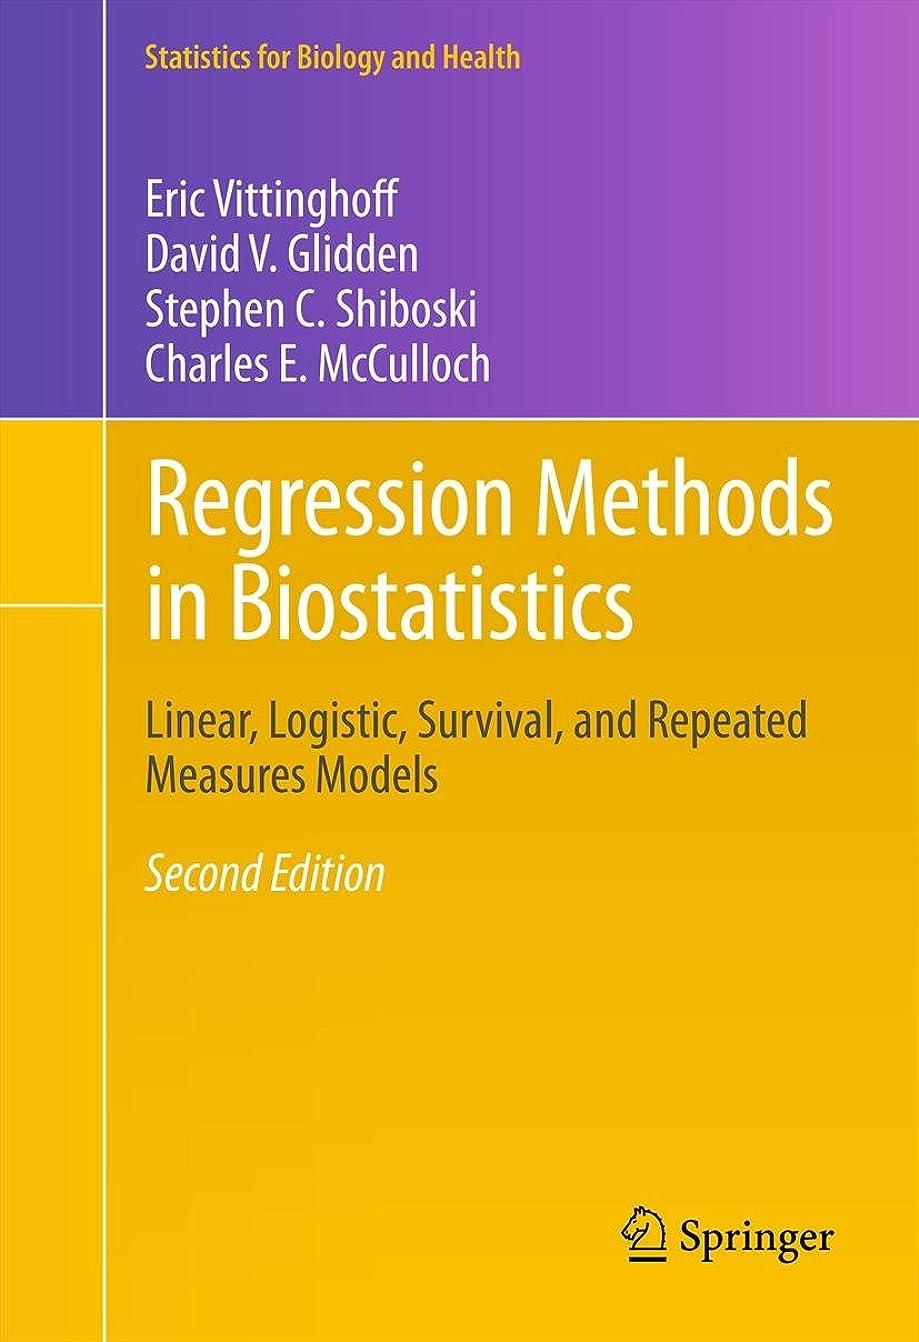 魂バラエティ大腿Regression Methods in Biostatistics: Linear, Logistic, Survival, and Repeated Measures Models (Statistics for Biology and Health) (English Edition)